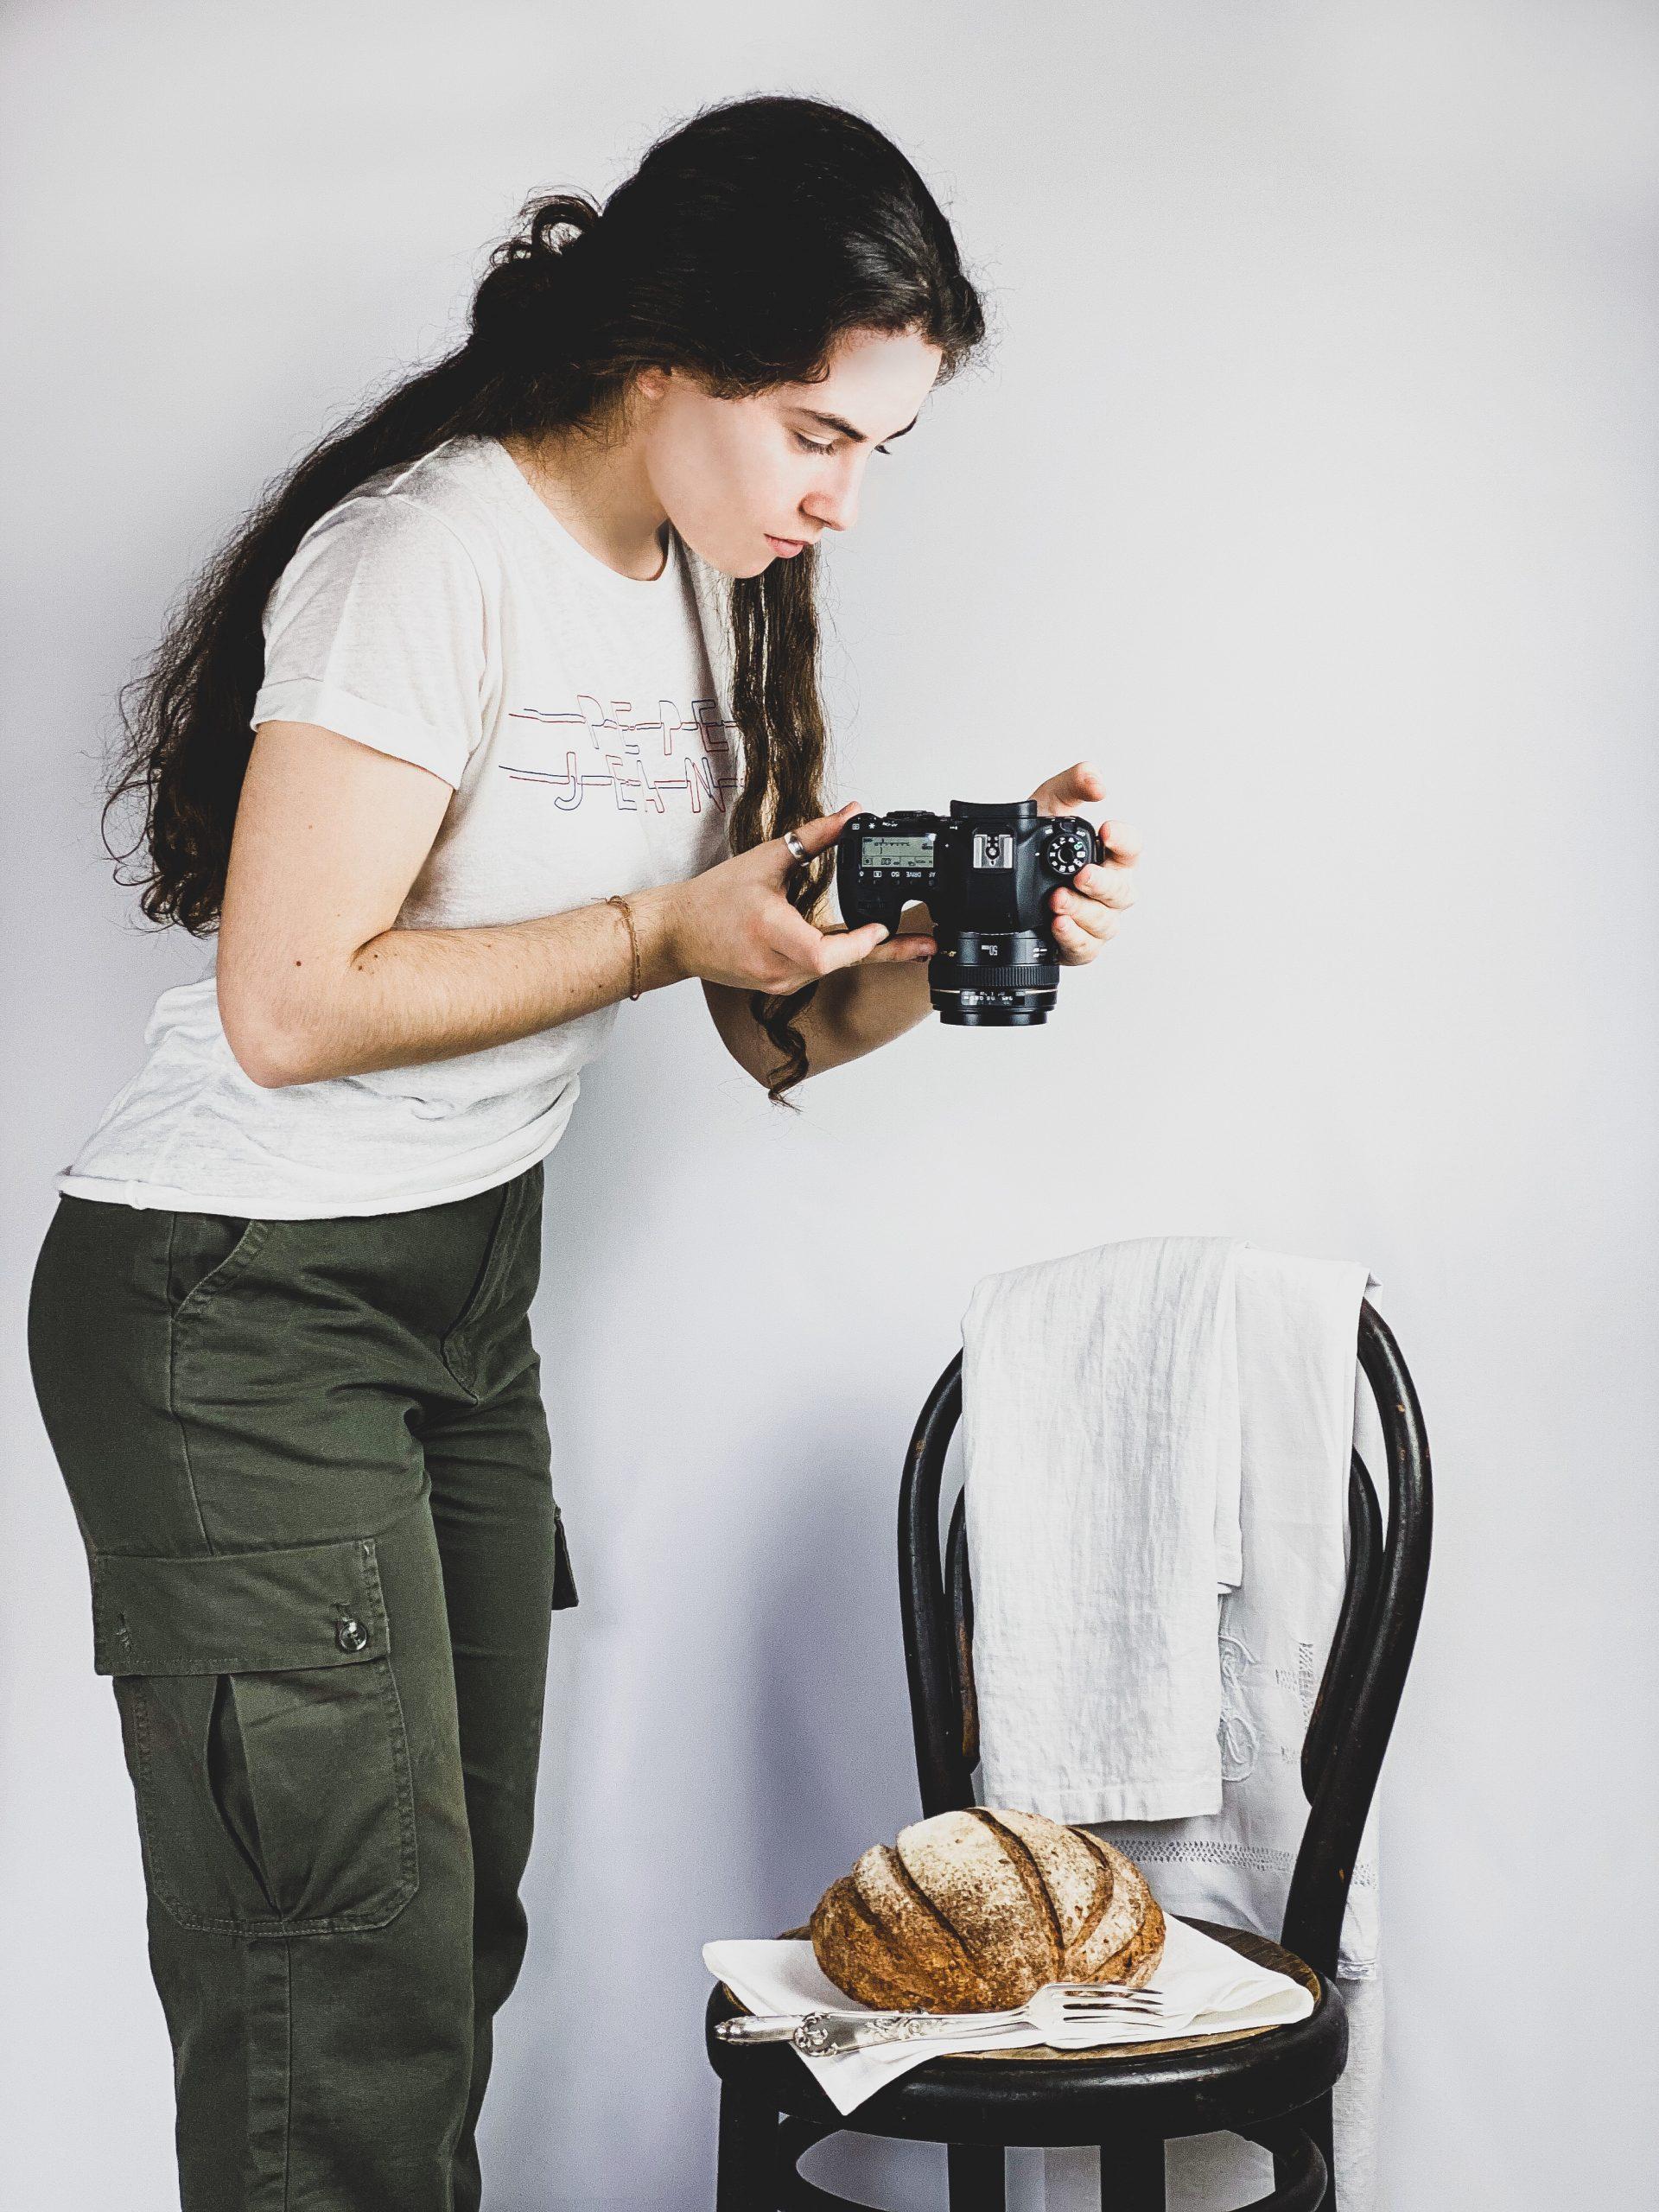 Recursos fotográficos, nurartphotography